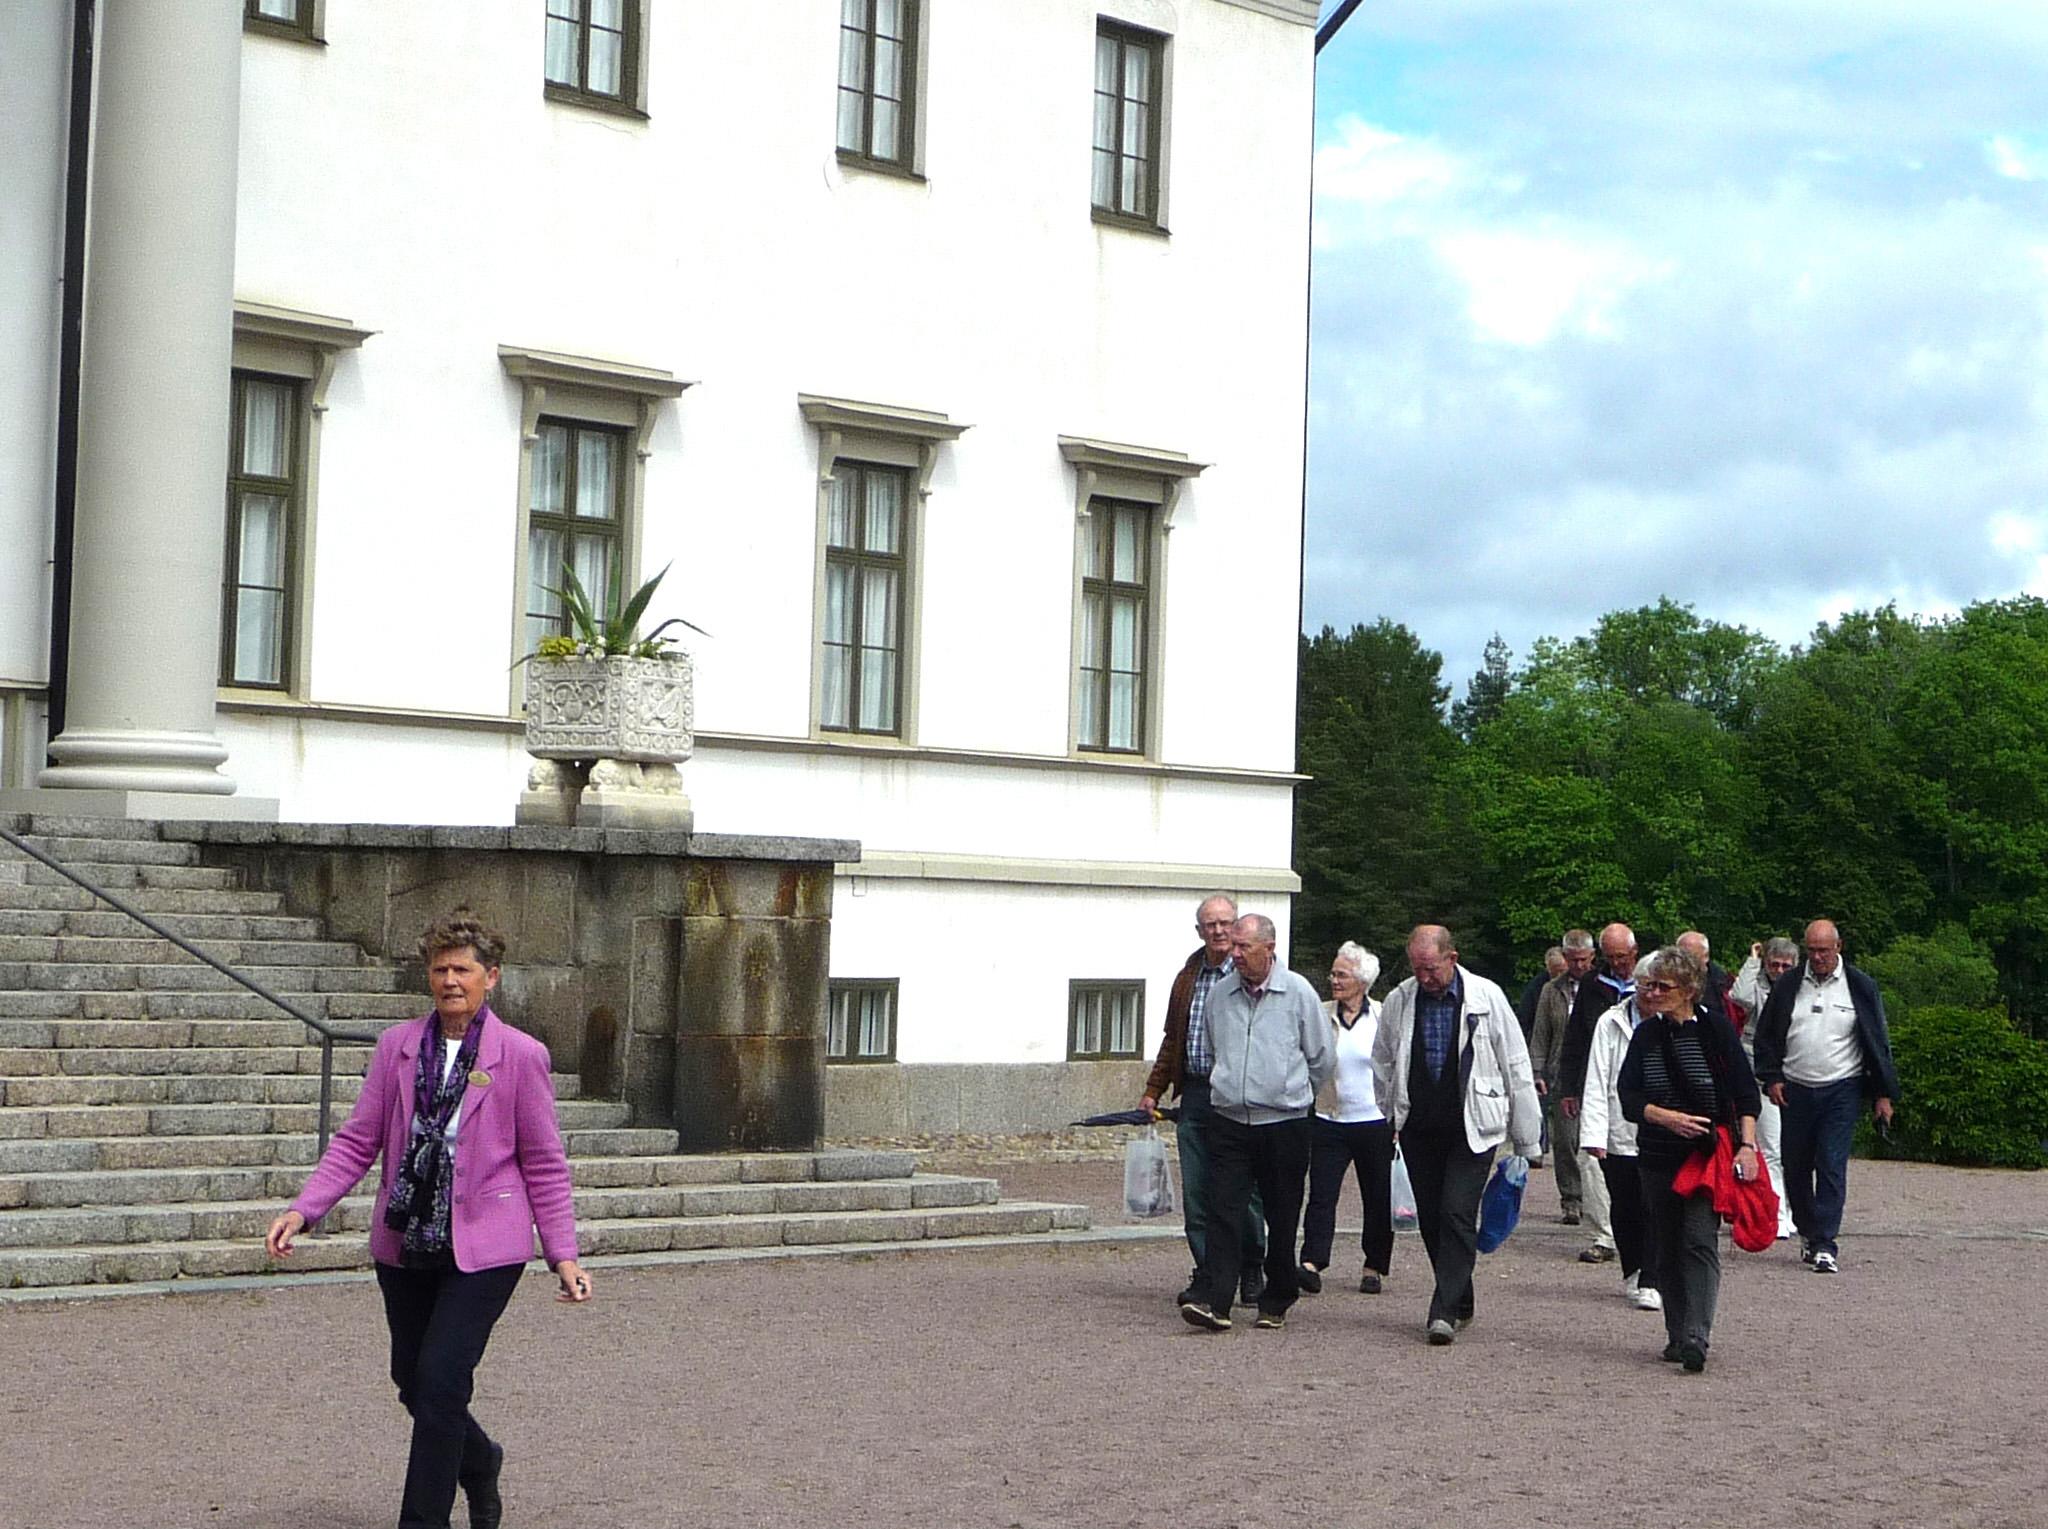 2012 Stjärnsunds slott, Olshammars gård. - 30